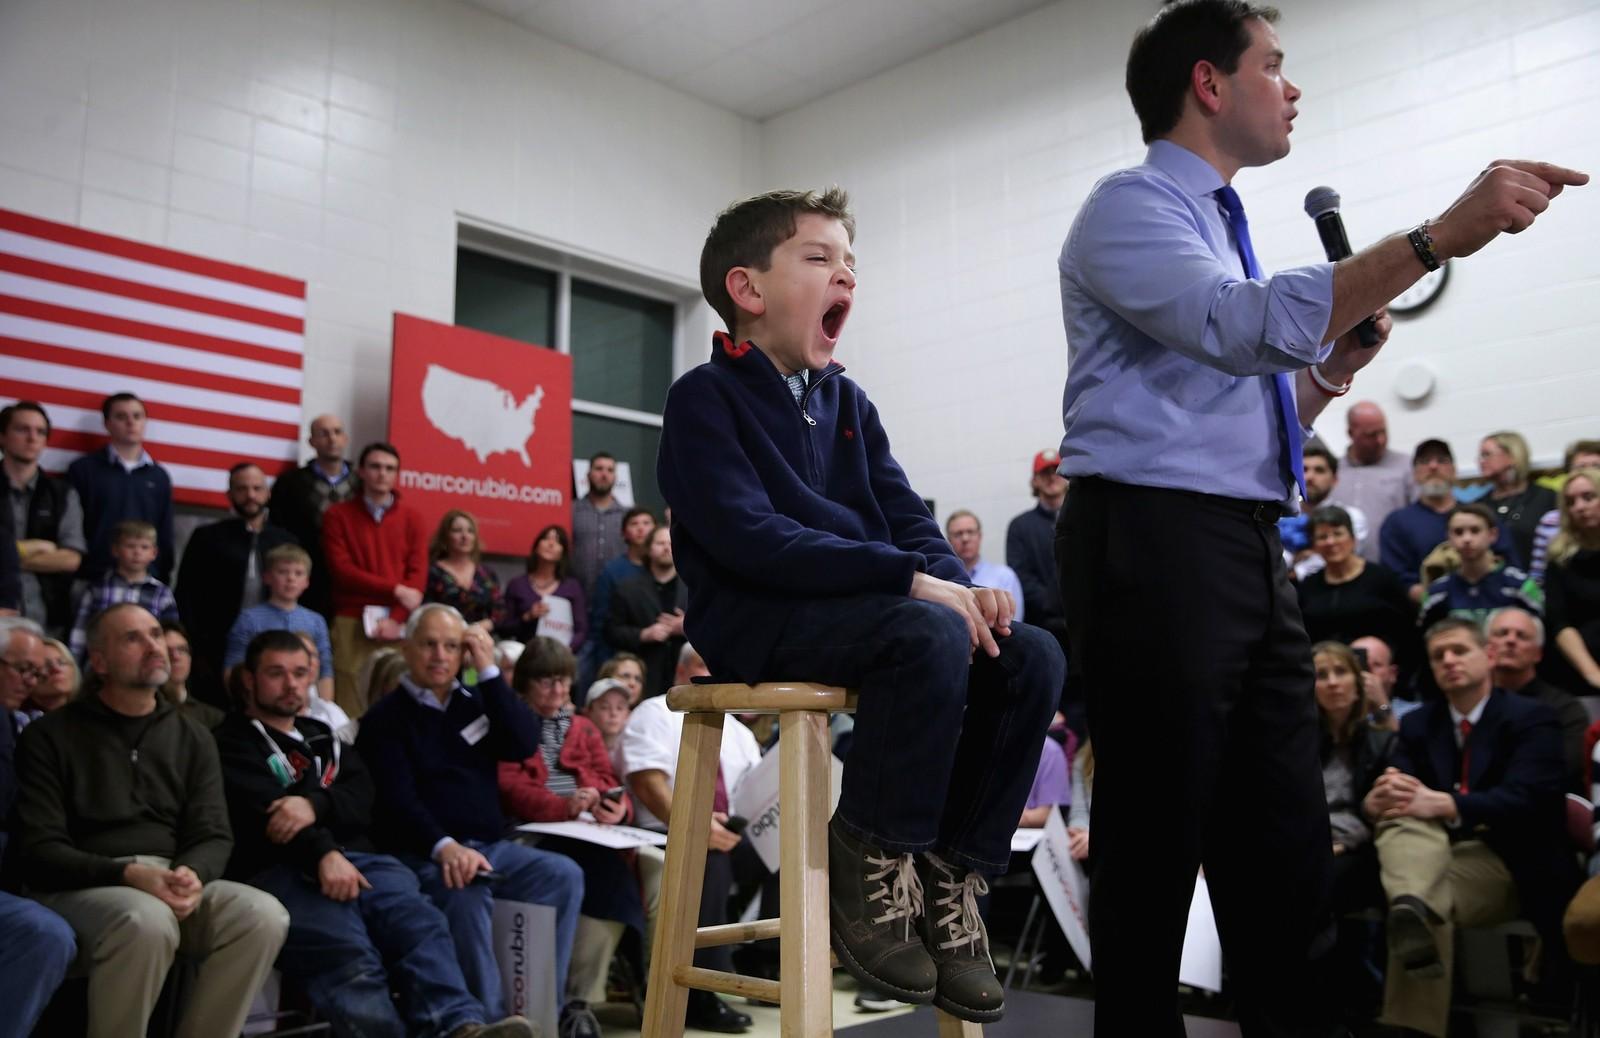 Dominick Rubio (7) sleit med å styre sin begeistring mens pappa og senator Marco talte til publikum i New Hampshire. Etter hvert gjespa velgerne også, og Rubio ble vraka som presidentkandidat.